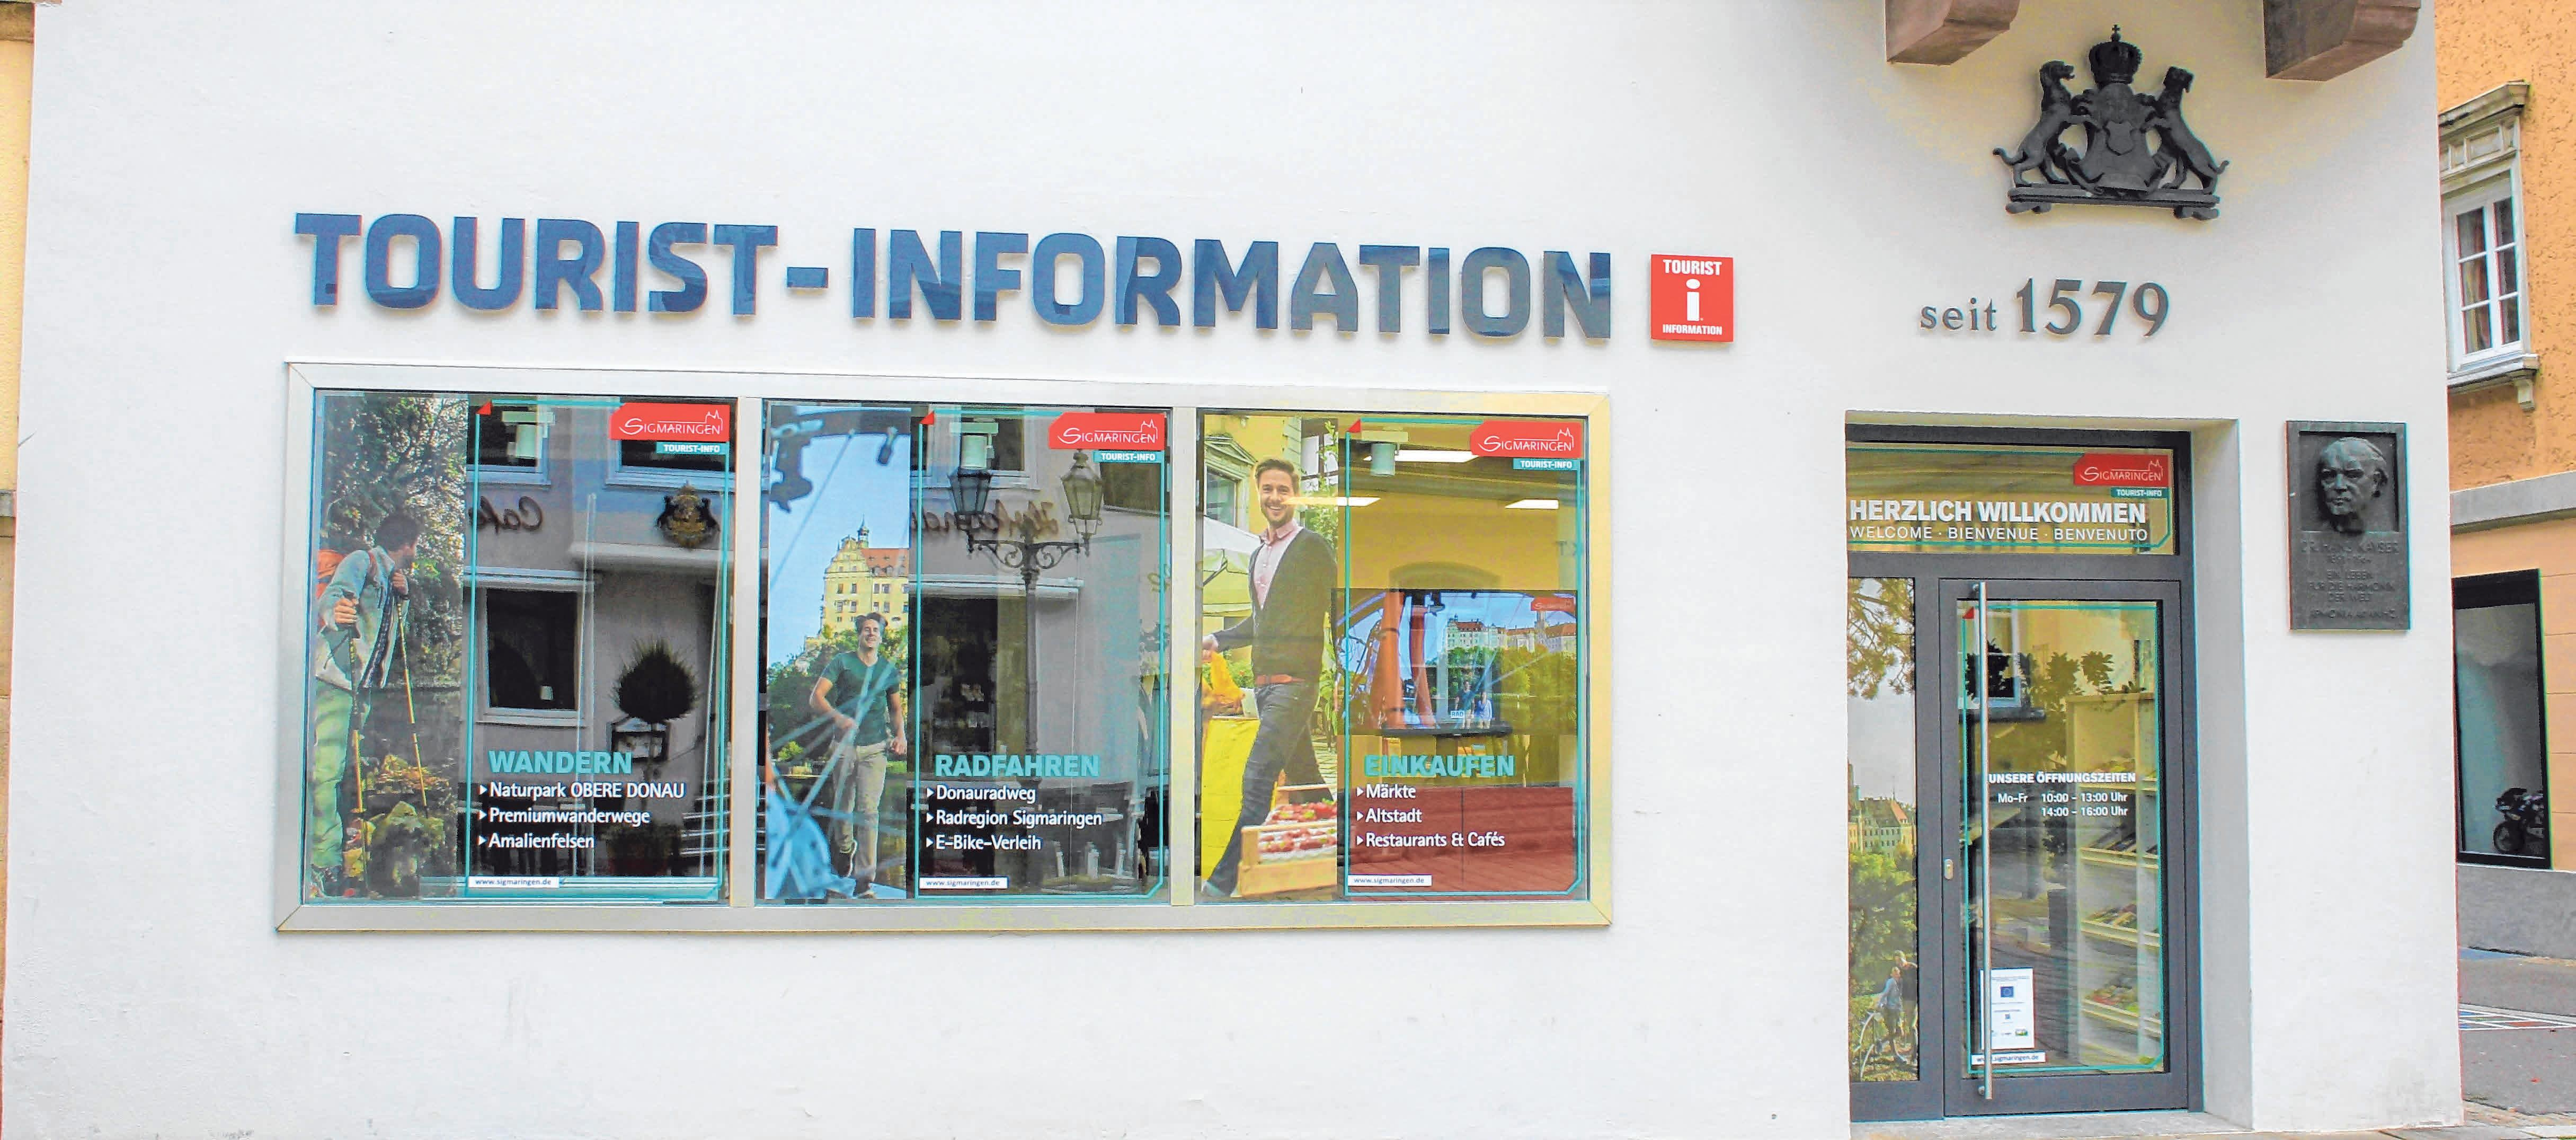 Direkt neben dem Rathaus befindet sich nun die neue Tourist-Information.